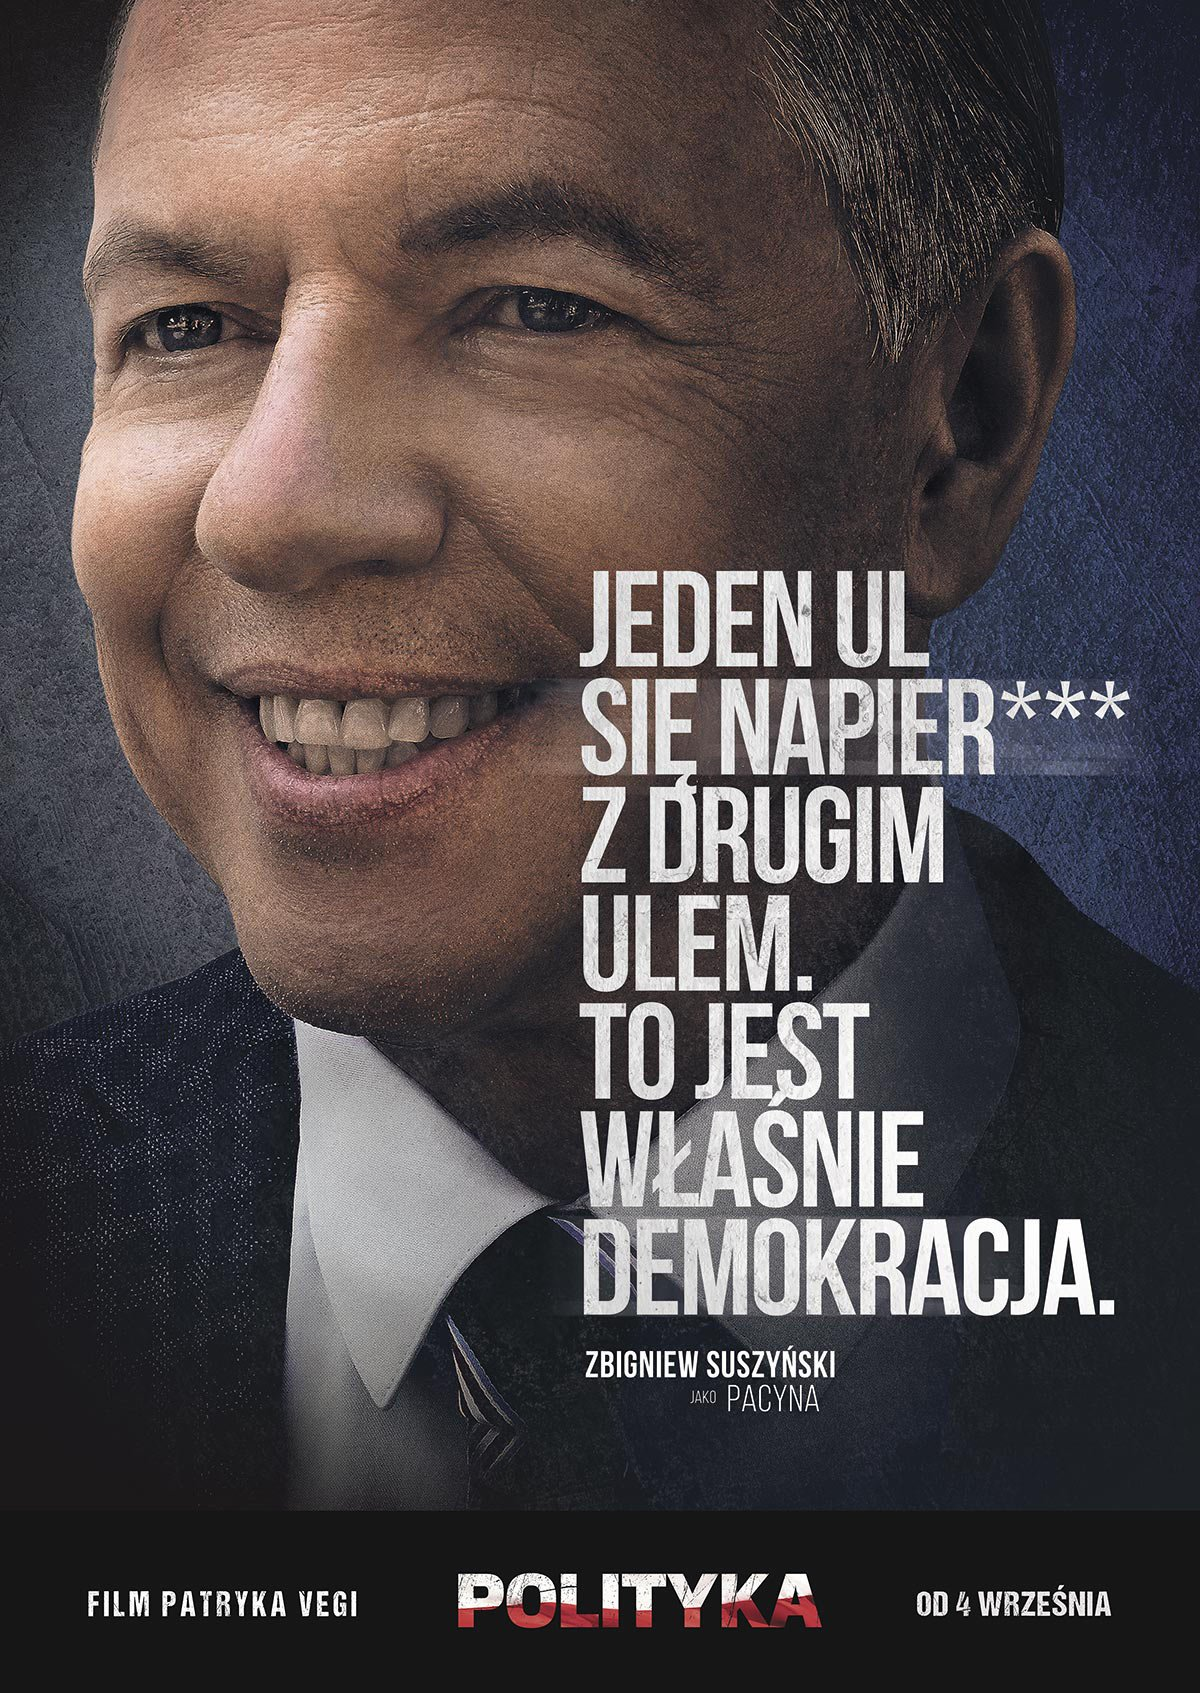 Polityka - plakat